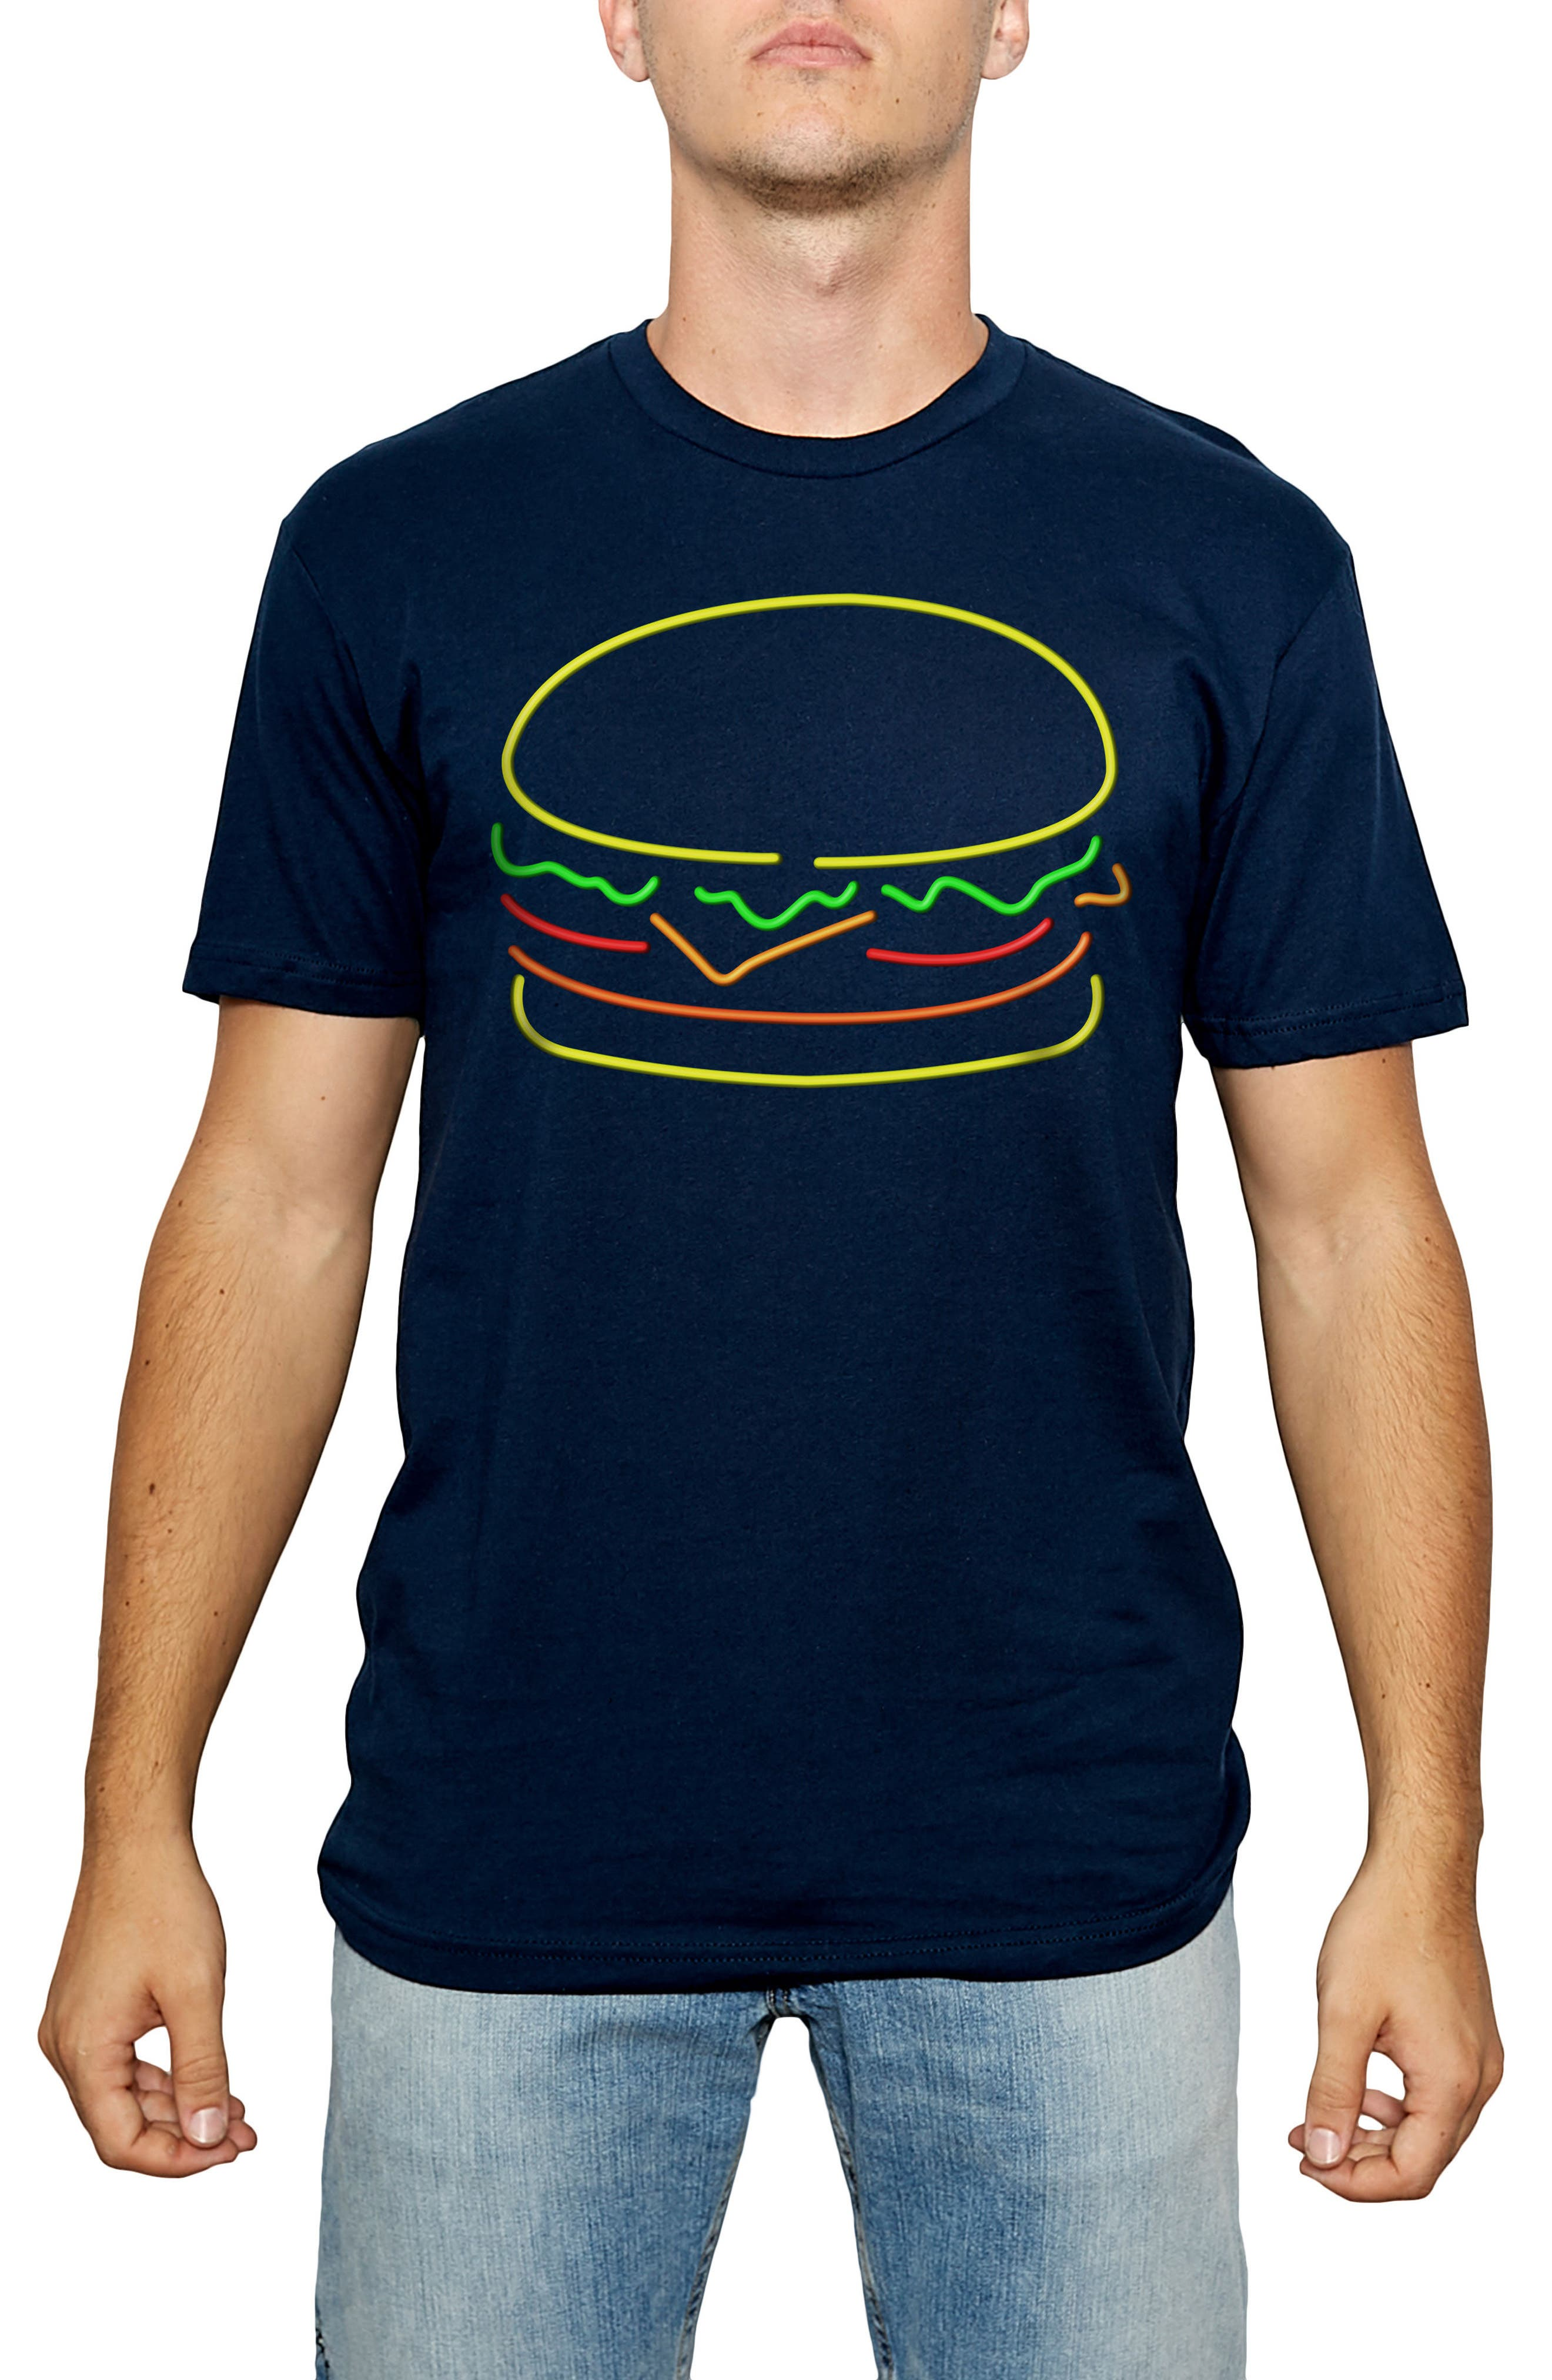 Neon Cheeseburger Graphic T-Shirt,                             Main thumbnail 1, color,